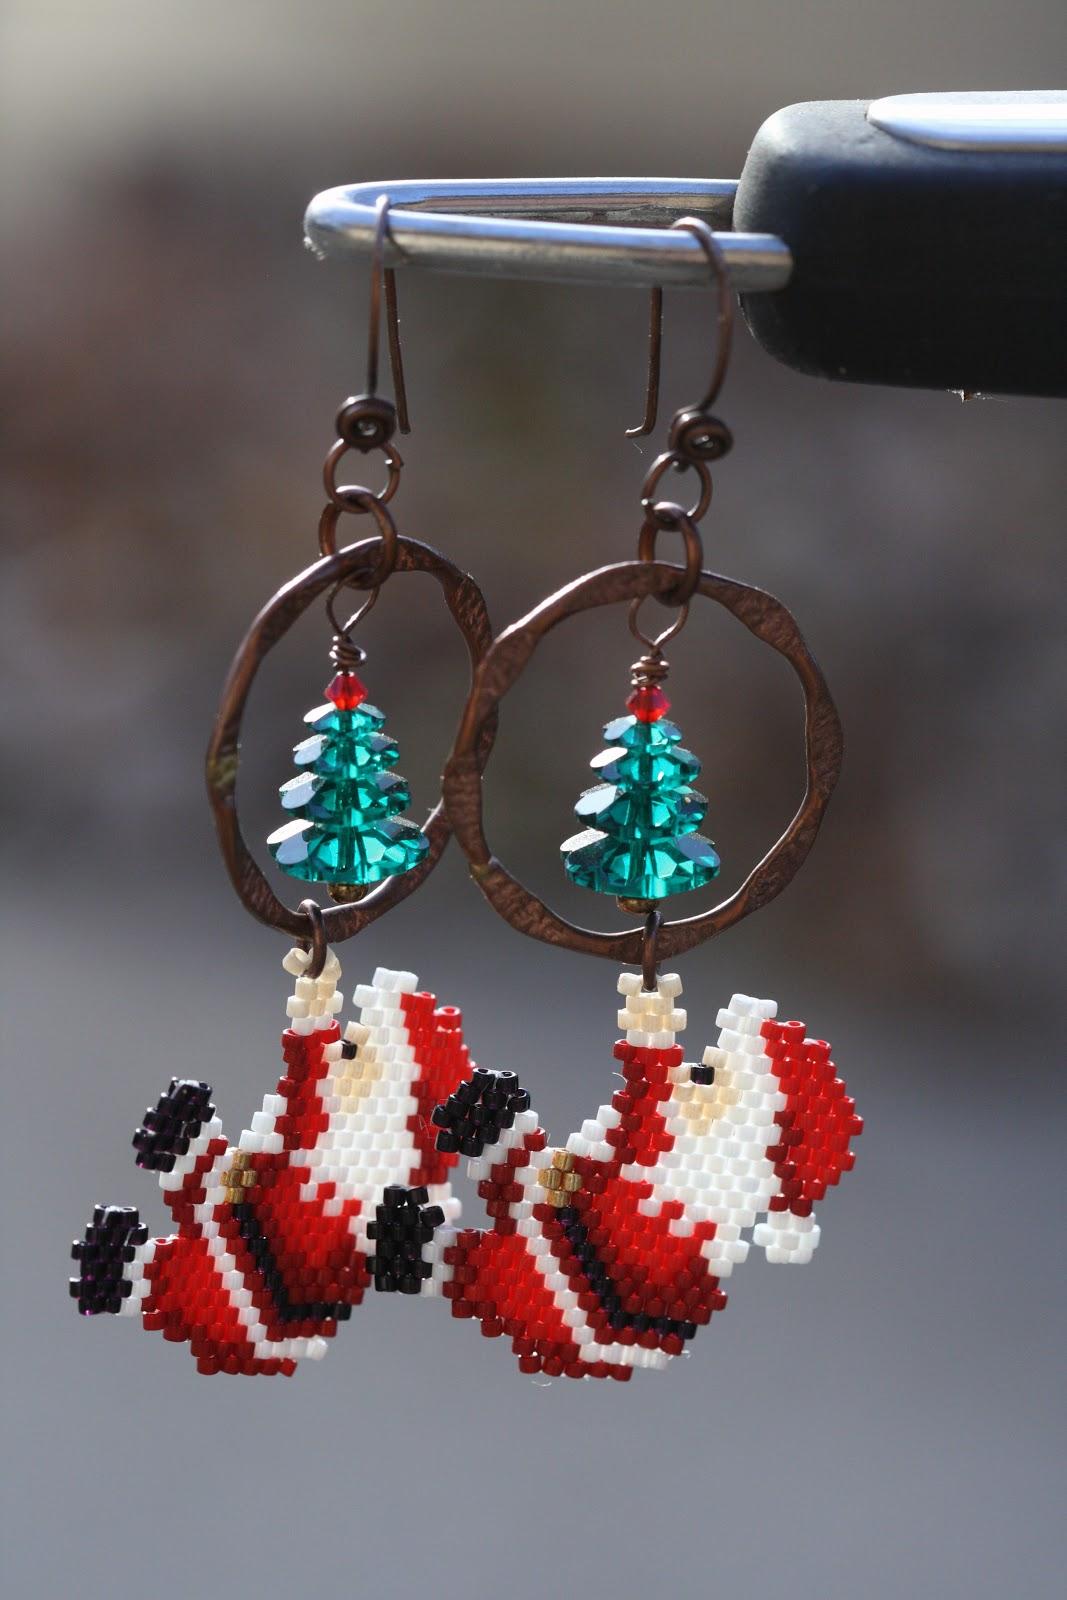 A Work in Progress: Christmas earrings